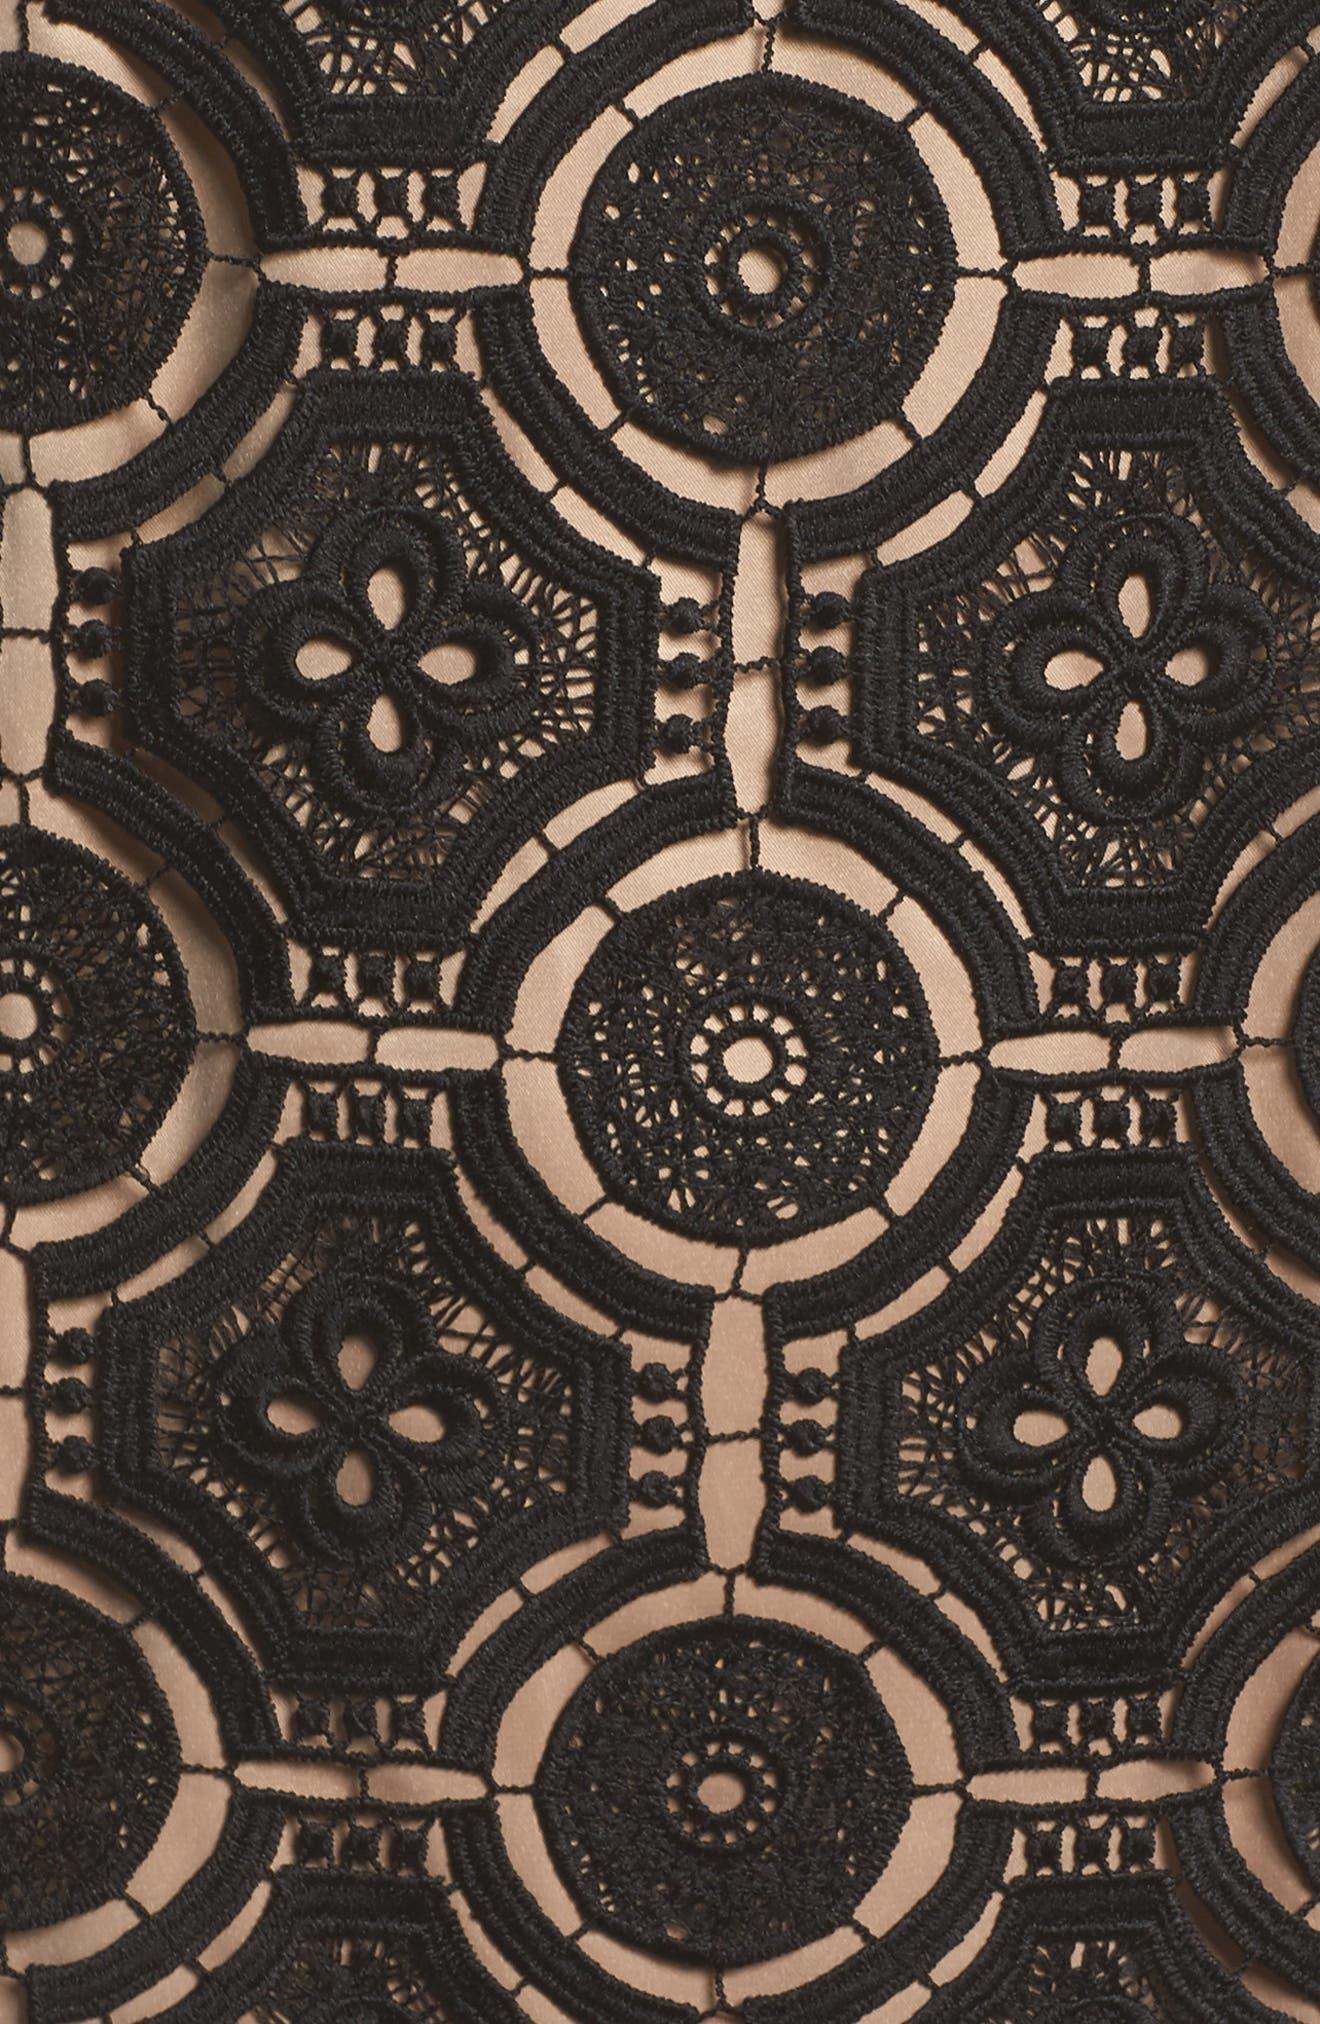 Lace Shift Dress,                             Alternate thumbnail 5, color,                             Black